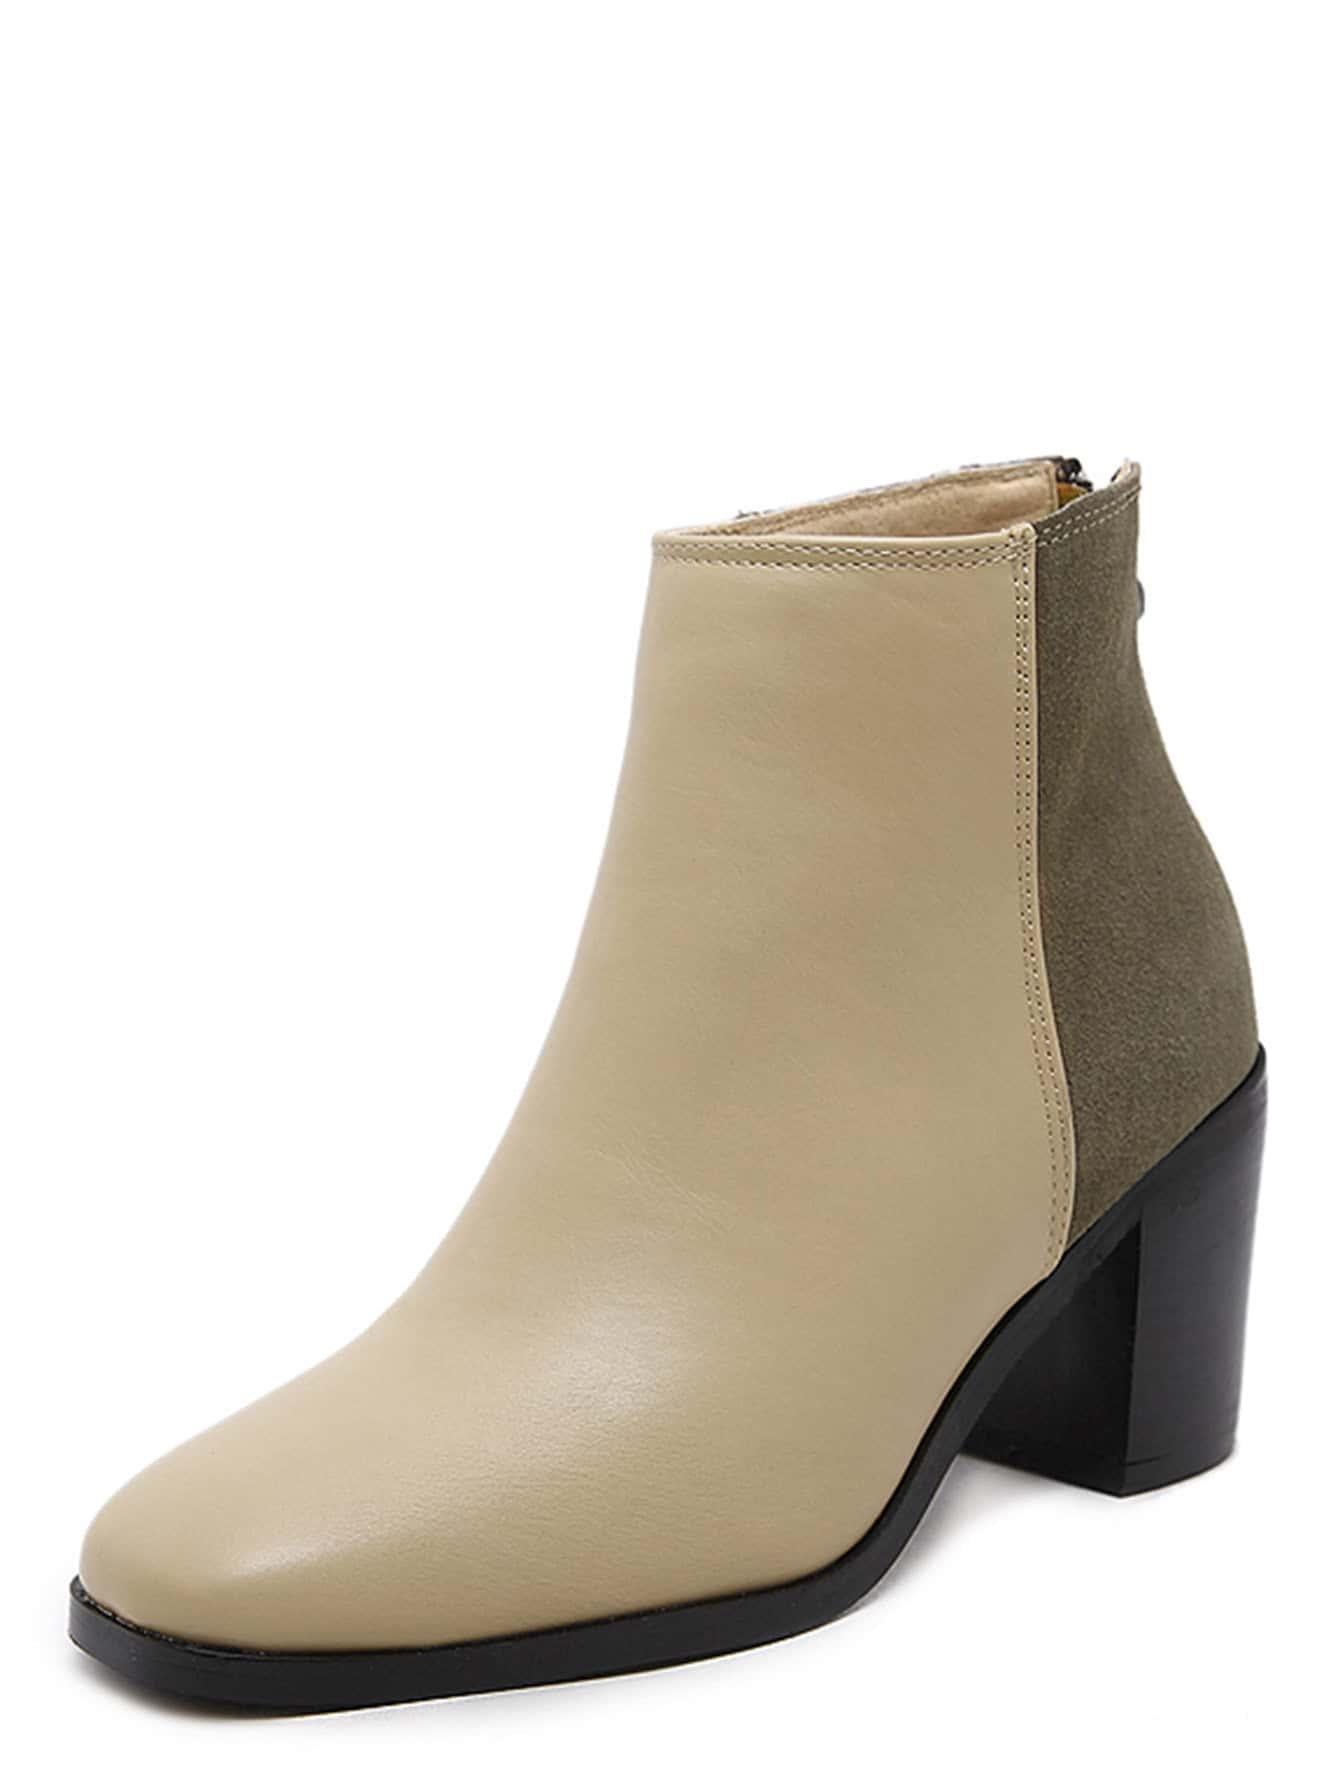 shoes161107812_2